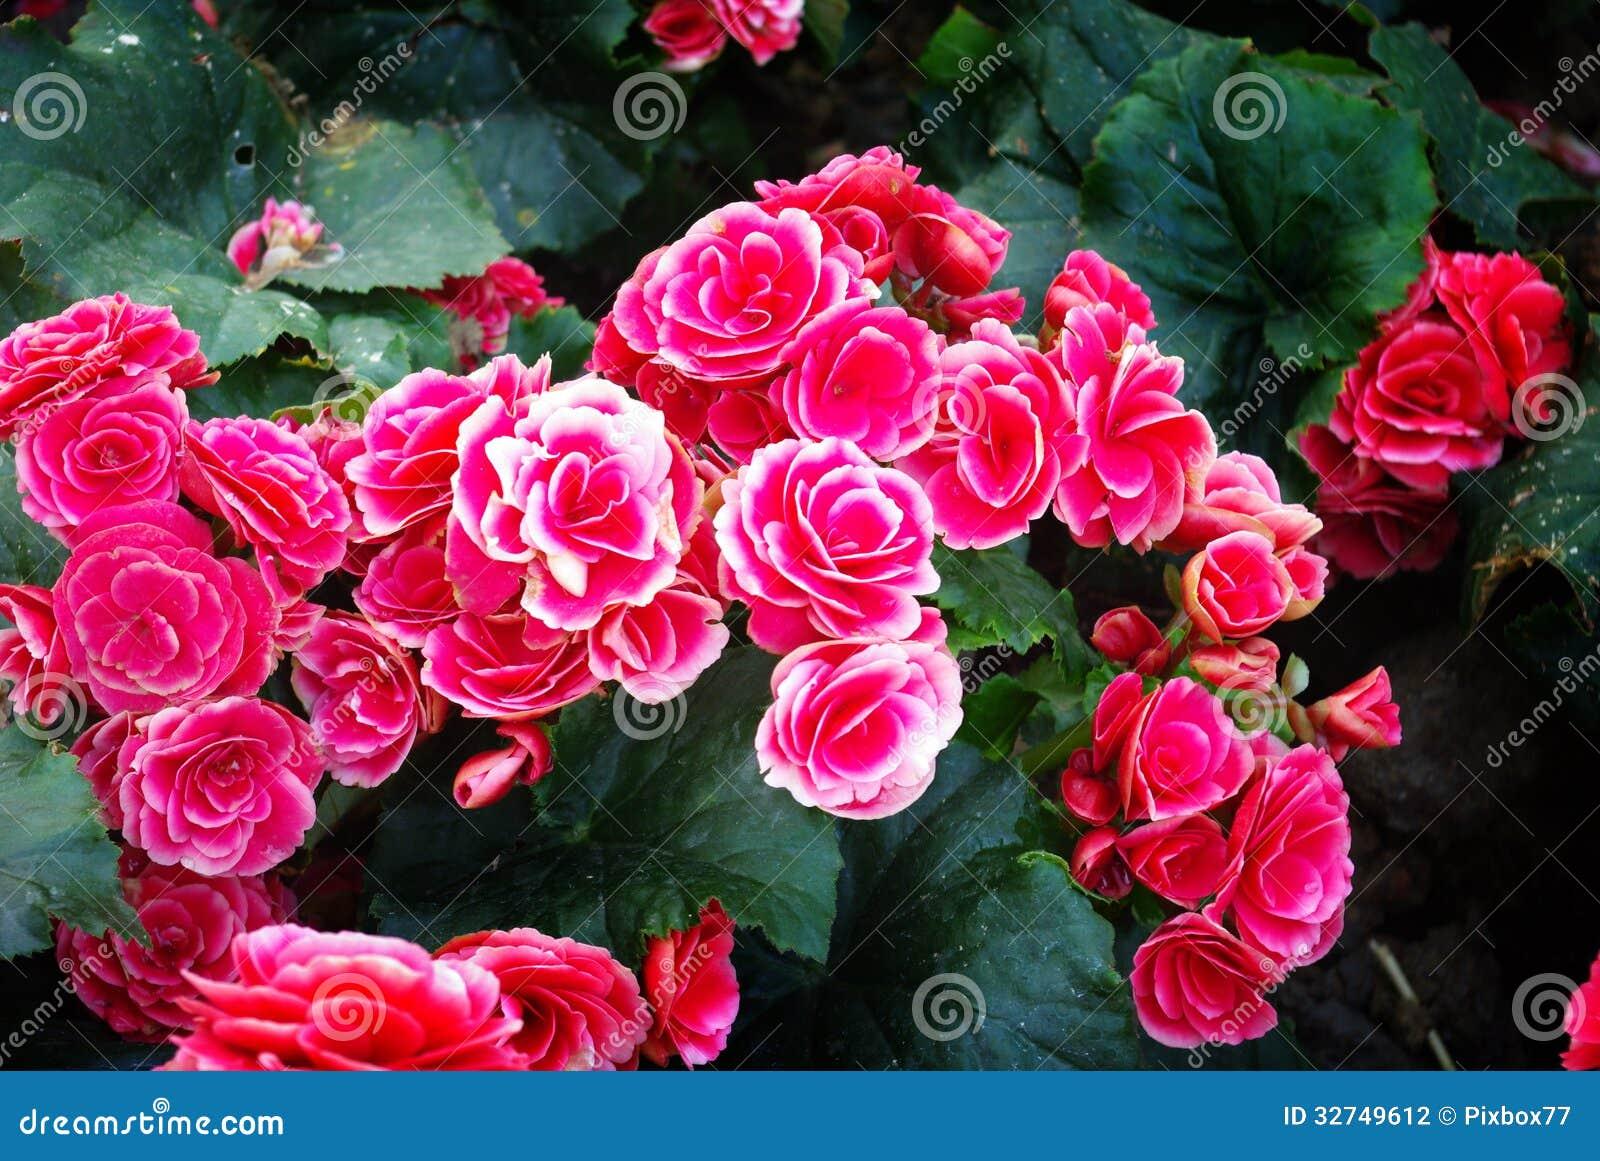 Flor Corderosa Agradável No Jardim Fotografia de Stock  Imagem